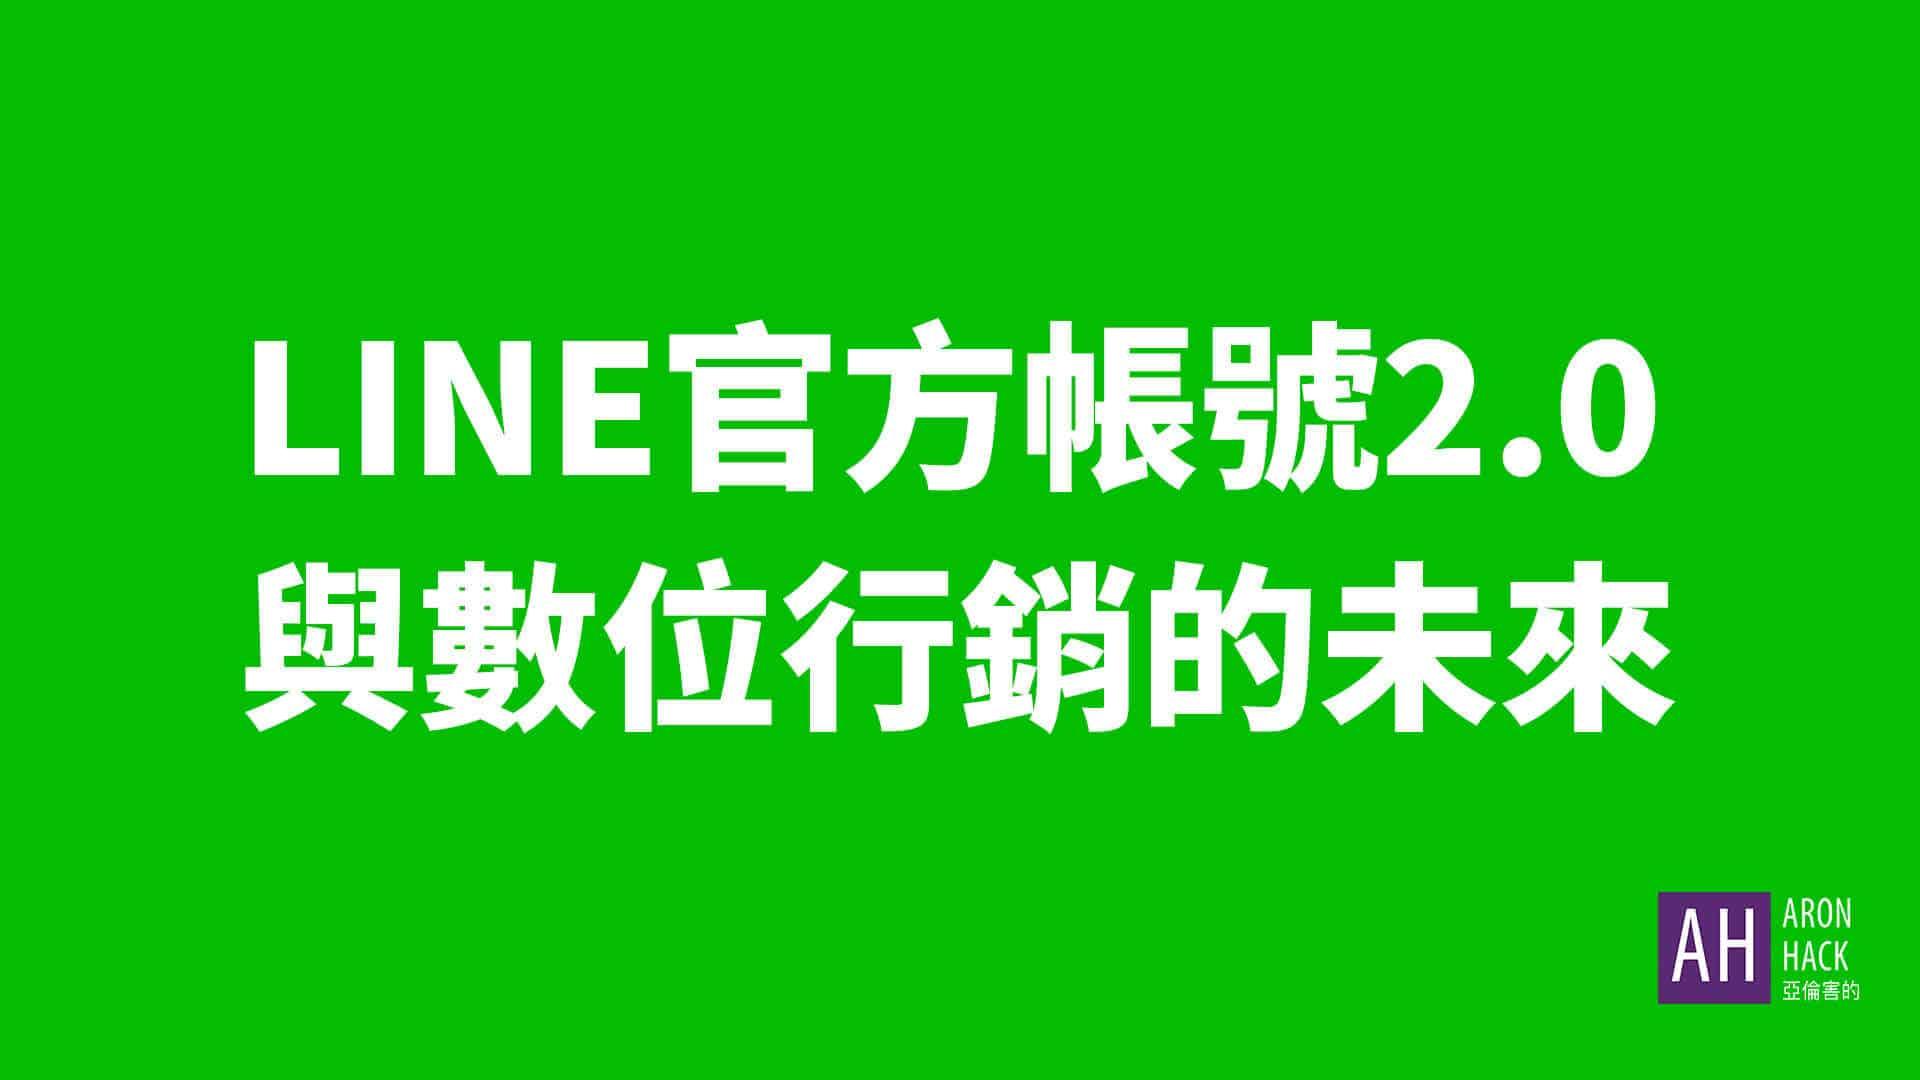 LINE官方帳號2.0 - 說明會後心得 與數位行銷的未來